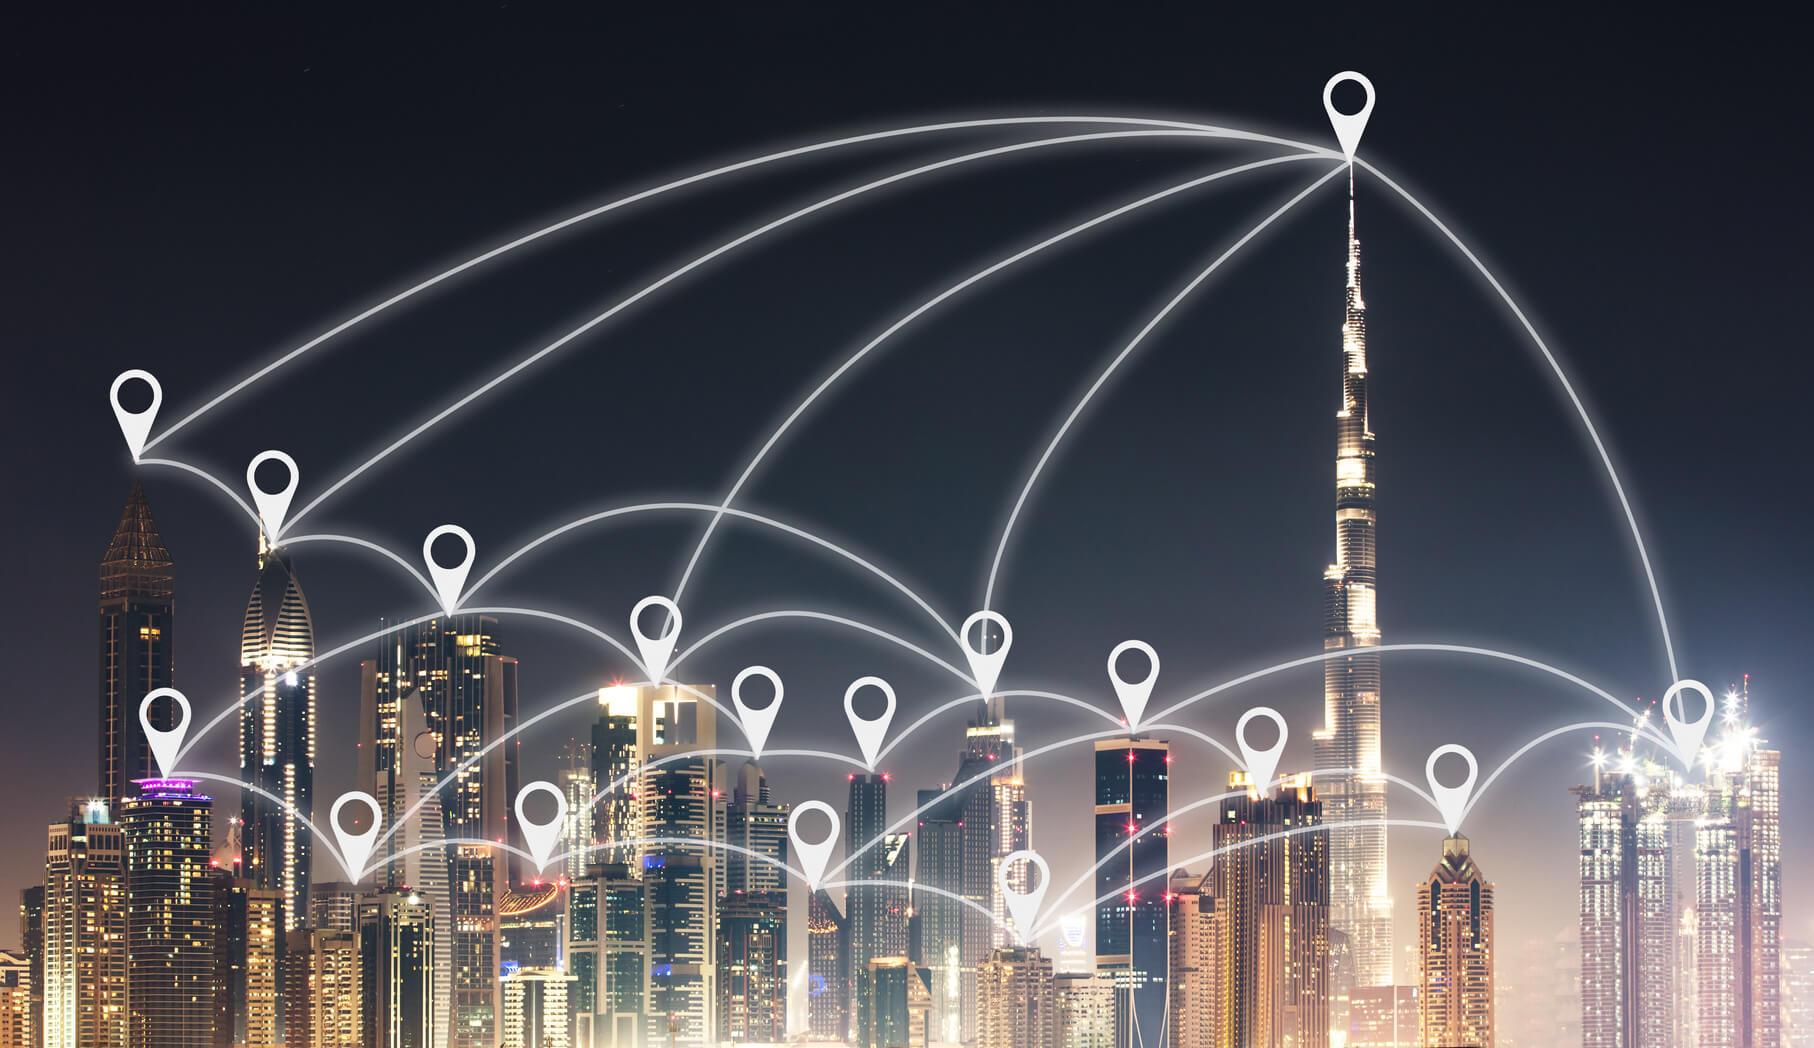 Drones Role in Dubai Smart City